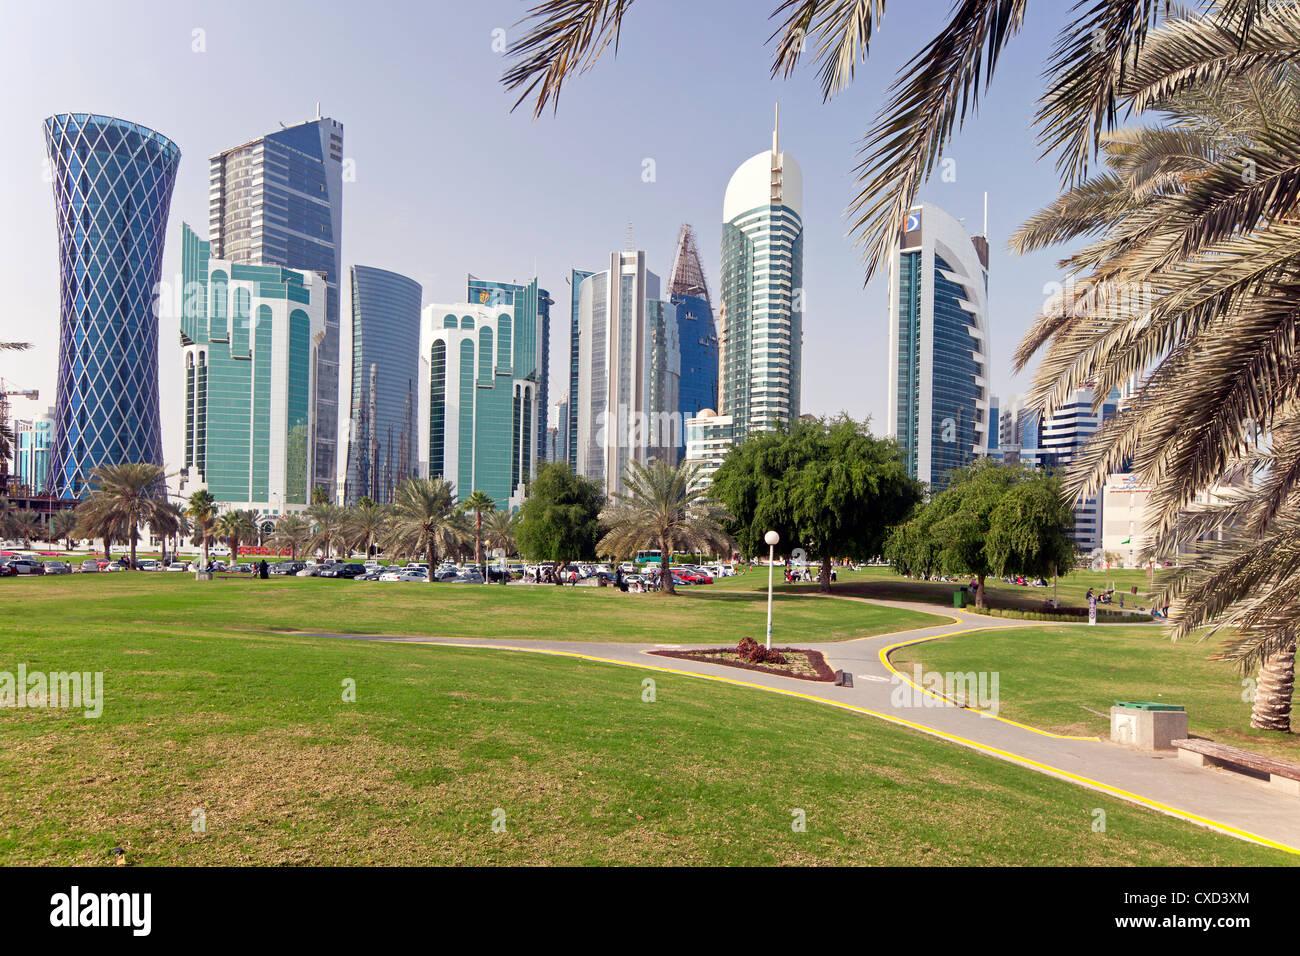 Moderne Skyline von West Bay zentralen Bankenviertel, Doha, Katar, Nahost Stockbild